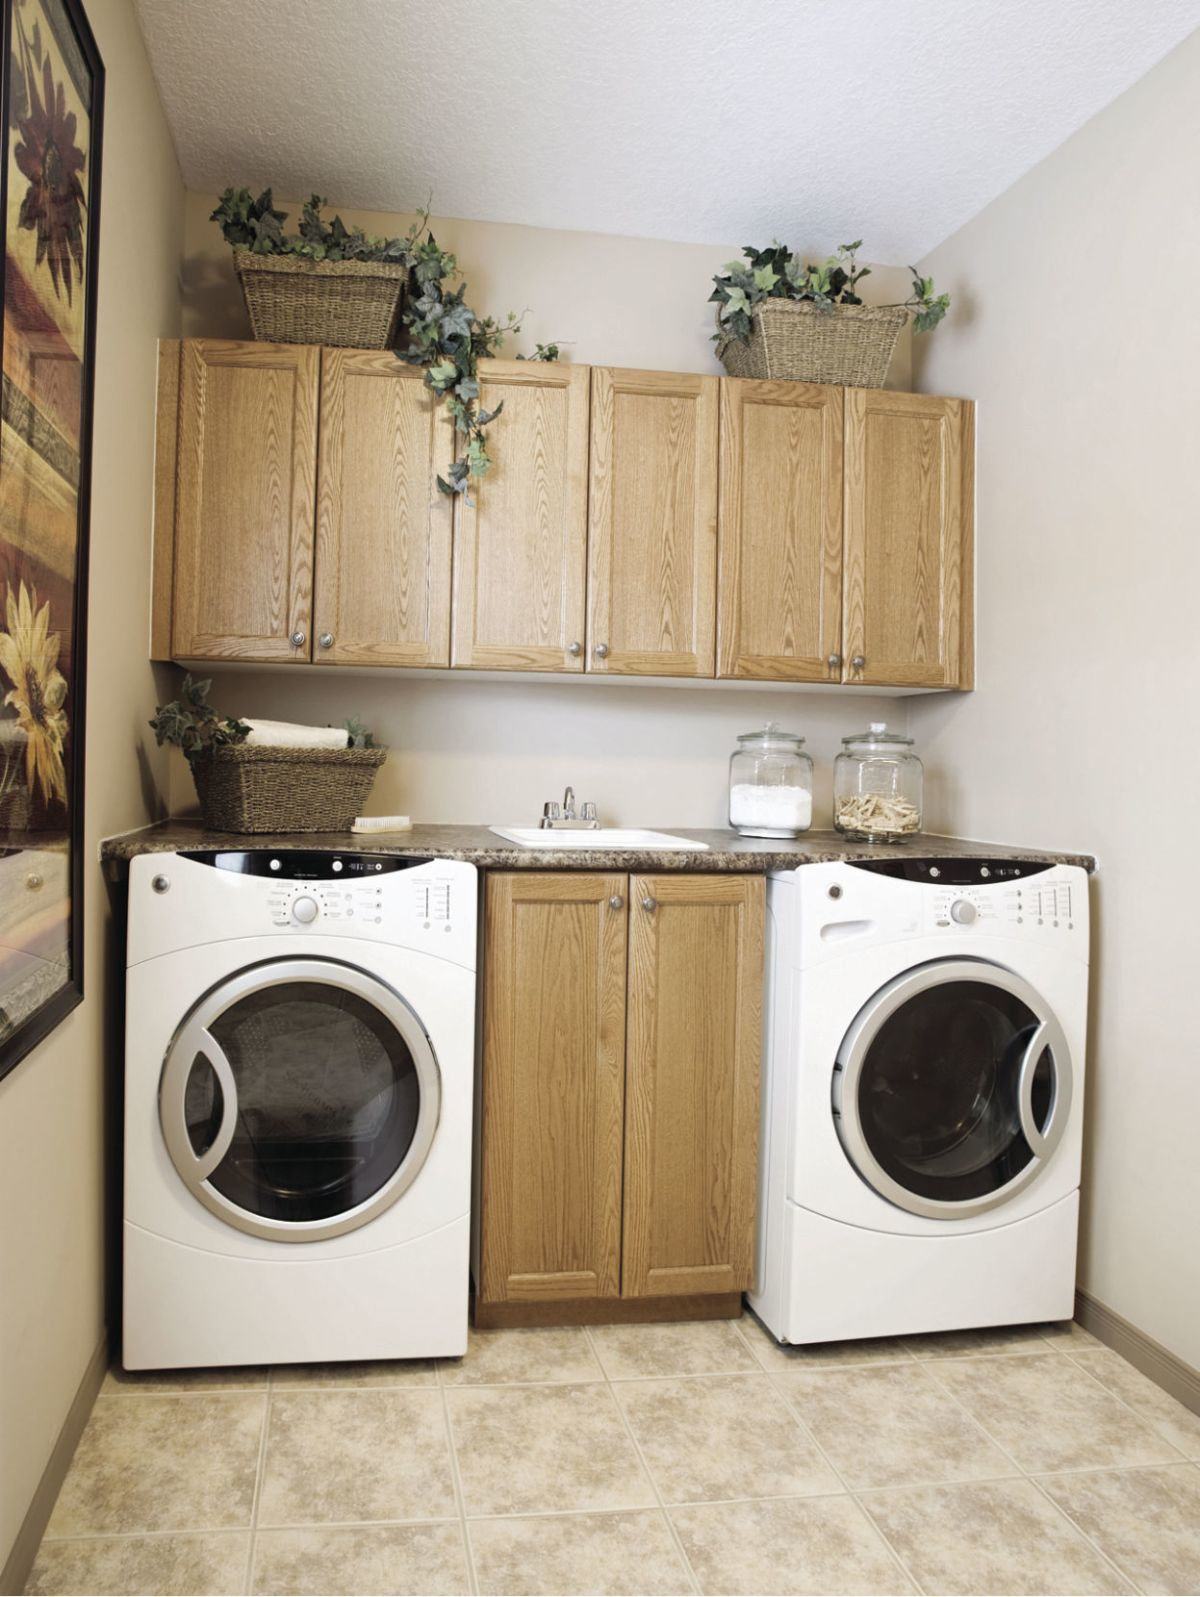 Laundry room renovation ideas   Home and Garden   lompocrecord.com